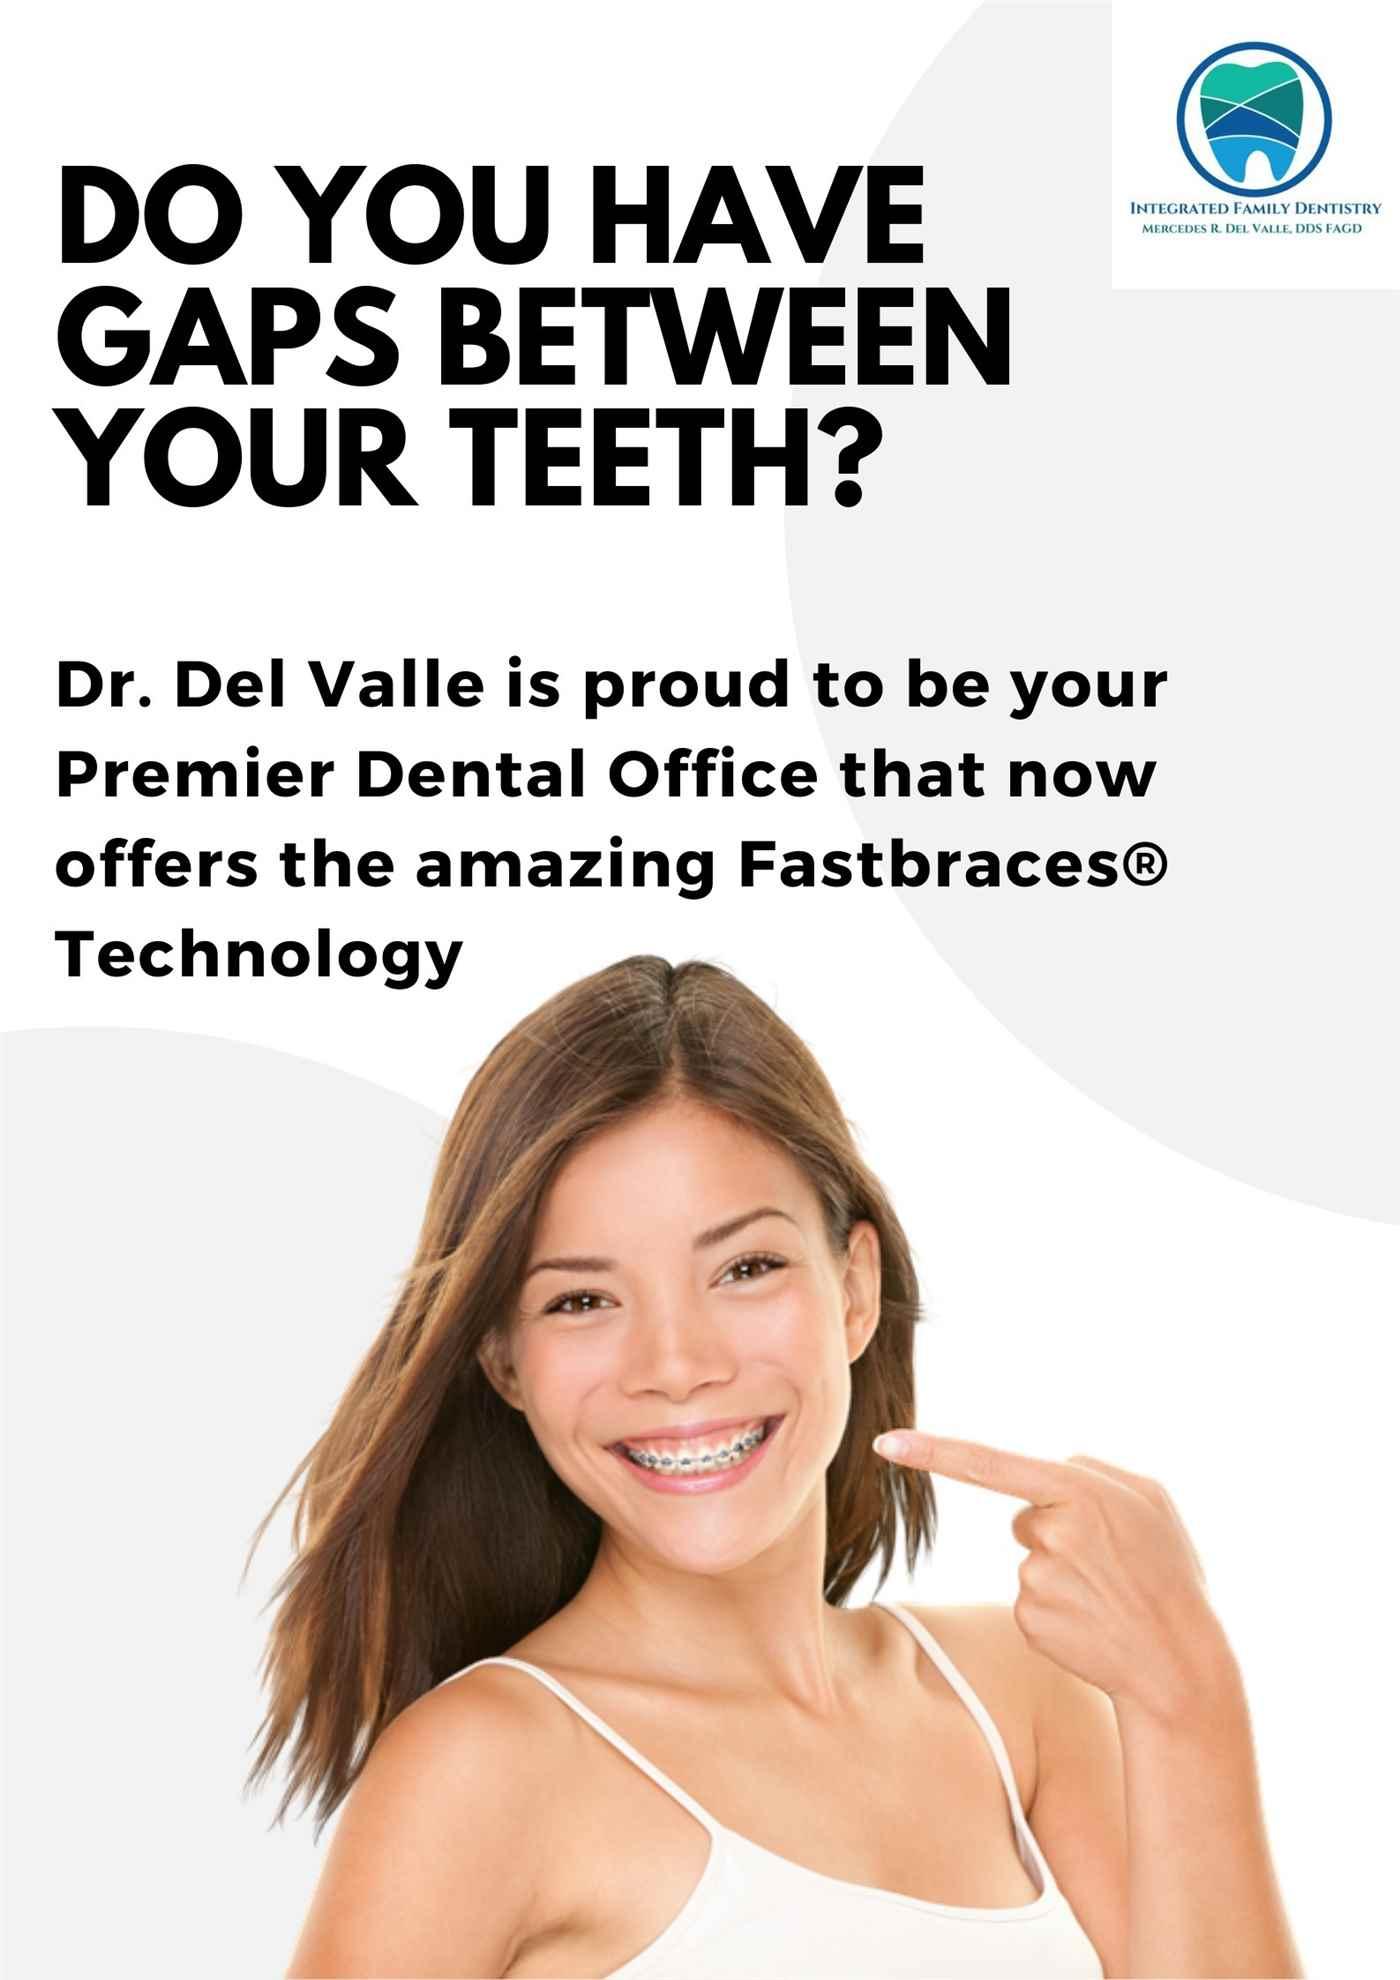 Fast Braces in Eugene, Holistic Dentist Eugene